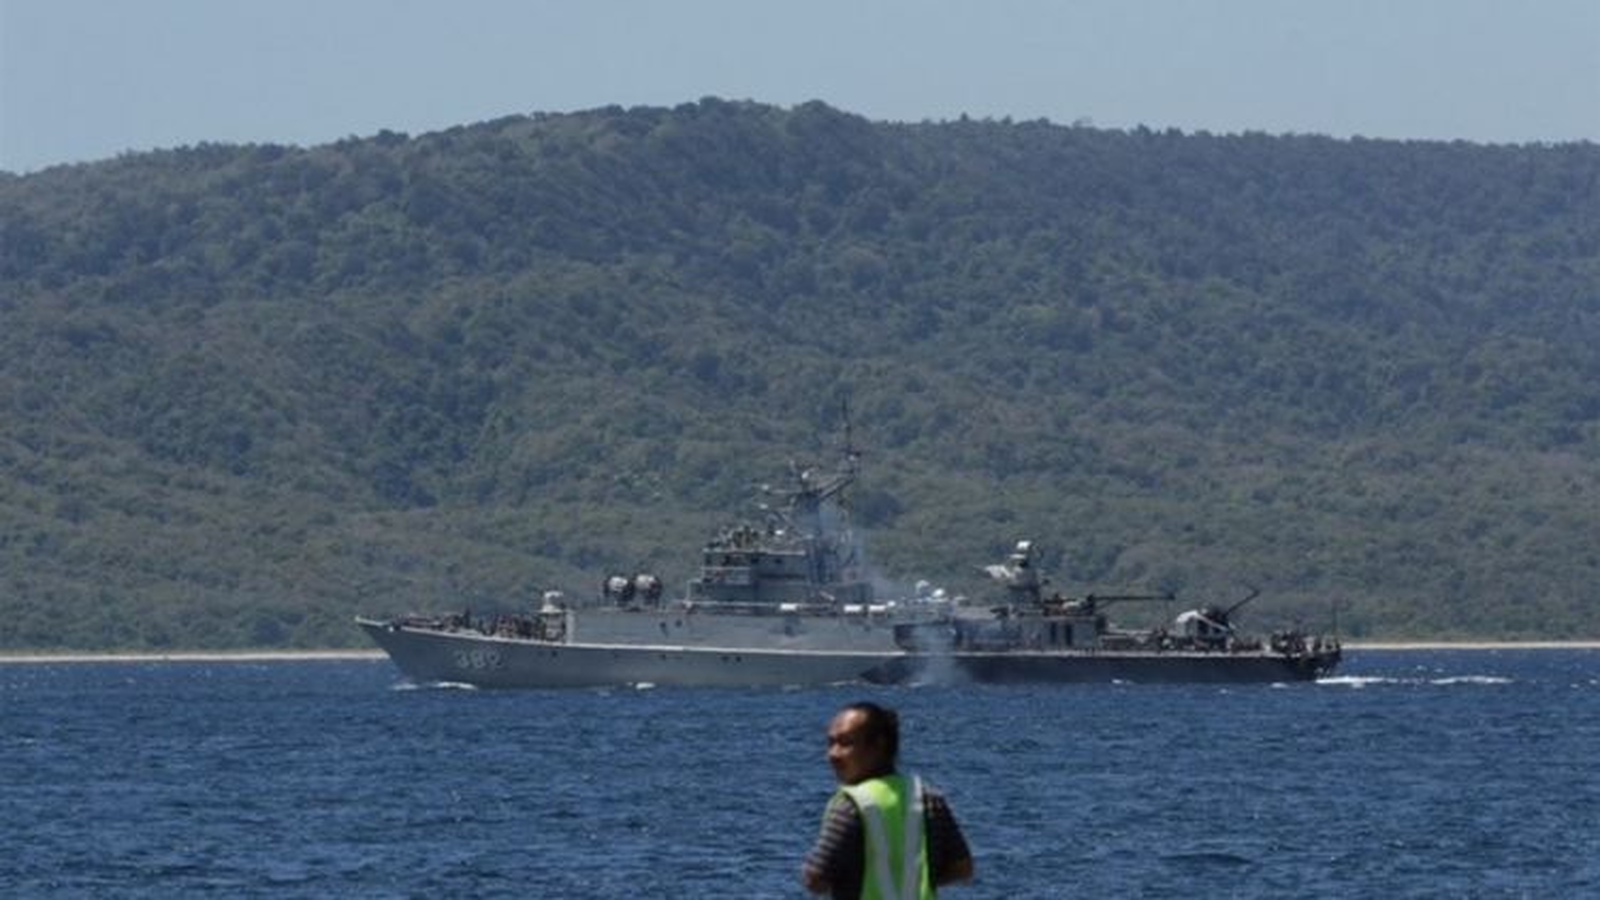 Tàu ngầm Indonesia mất tích: Hy vọng dần tắt khi oxy trên tàu cạn kiệt